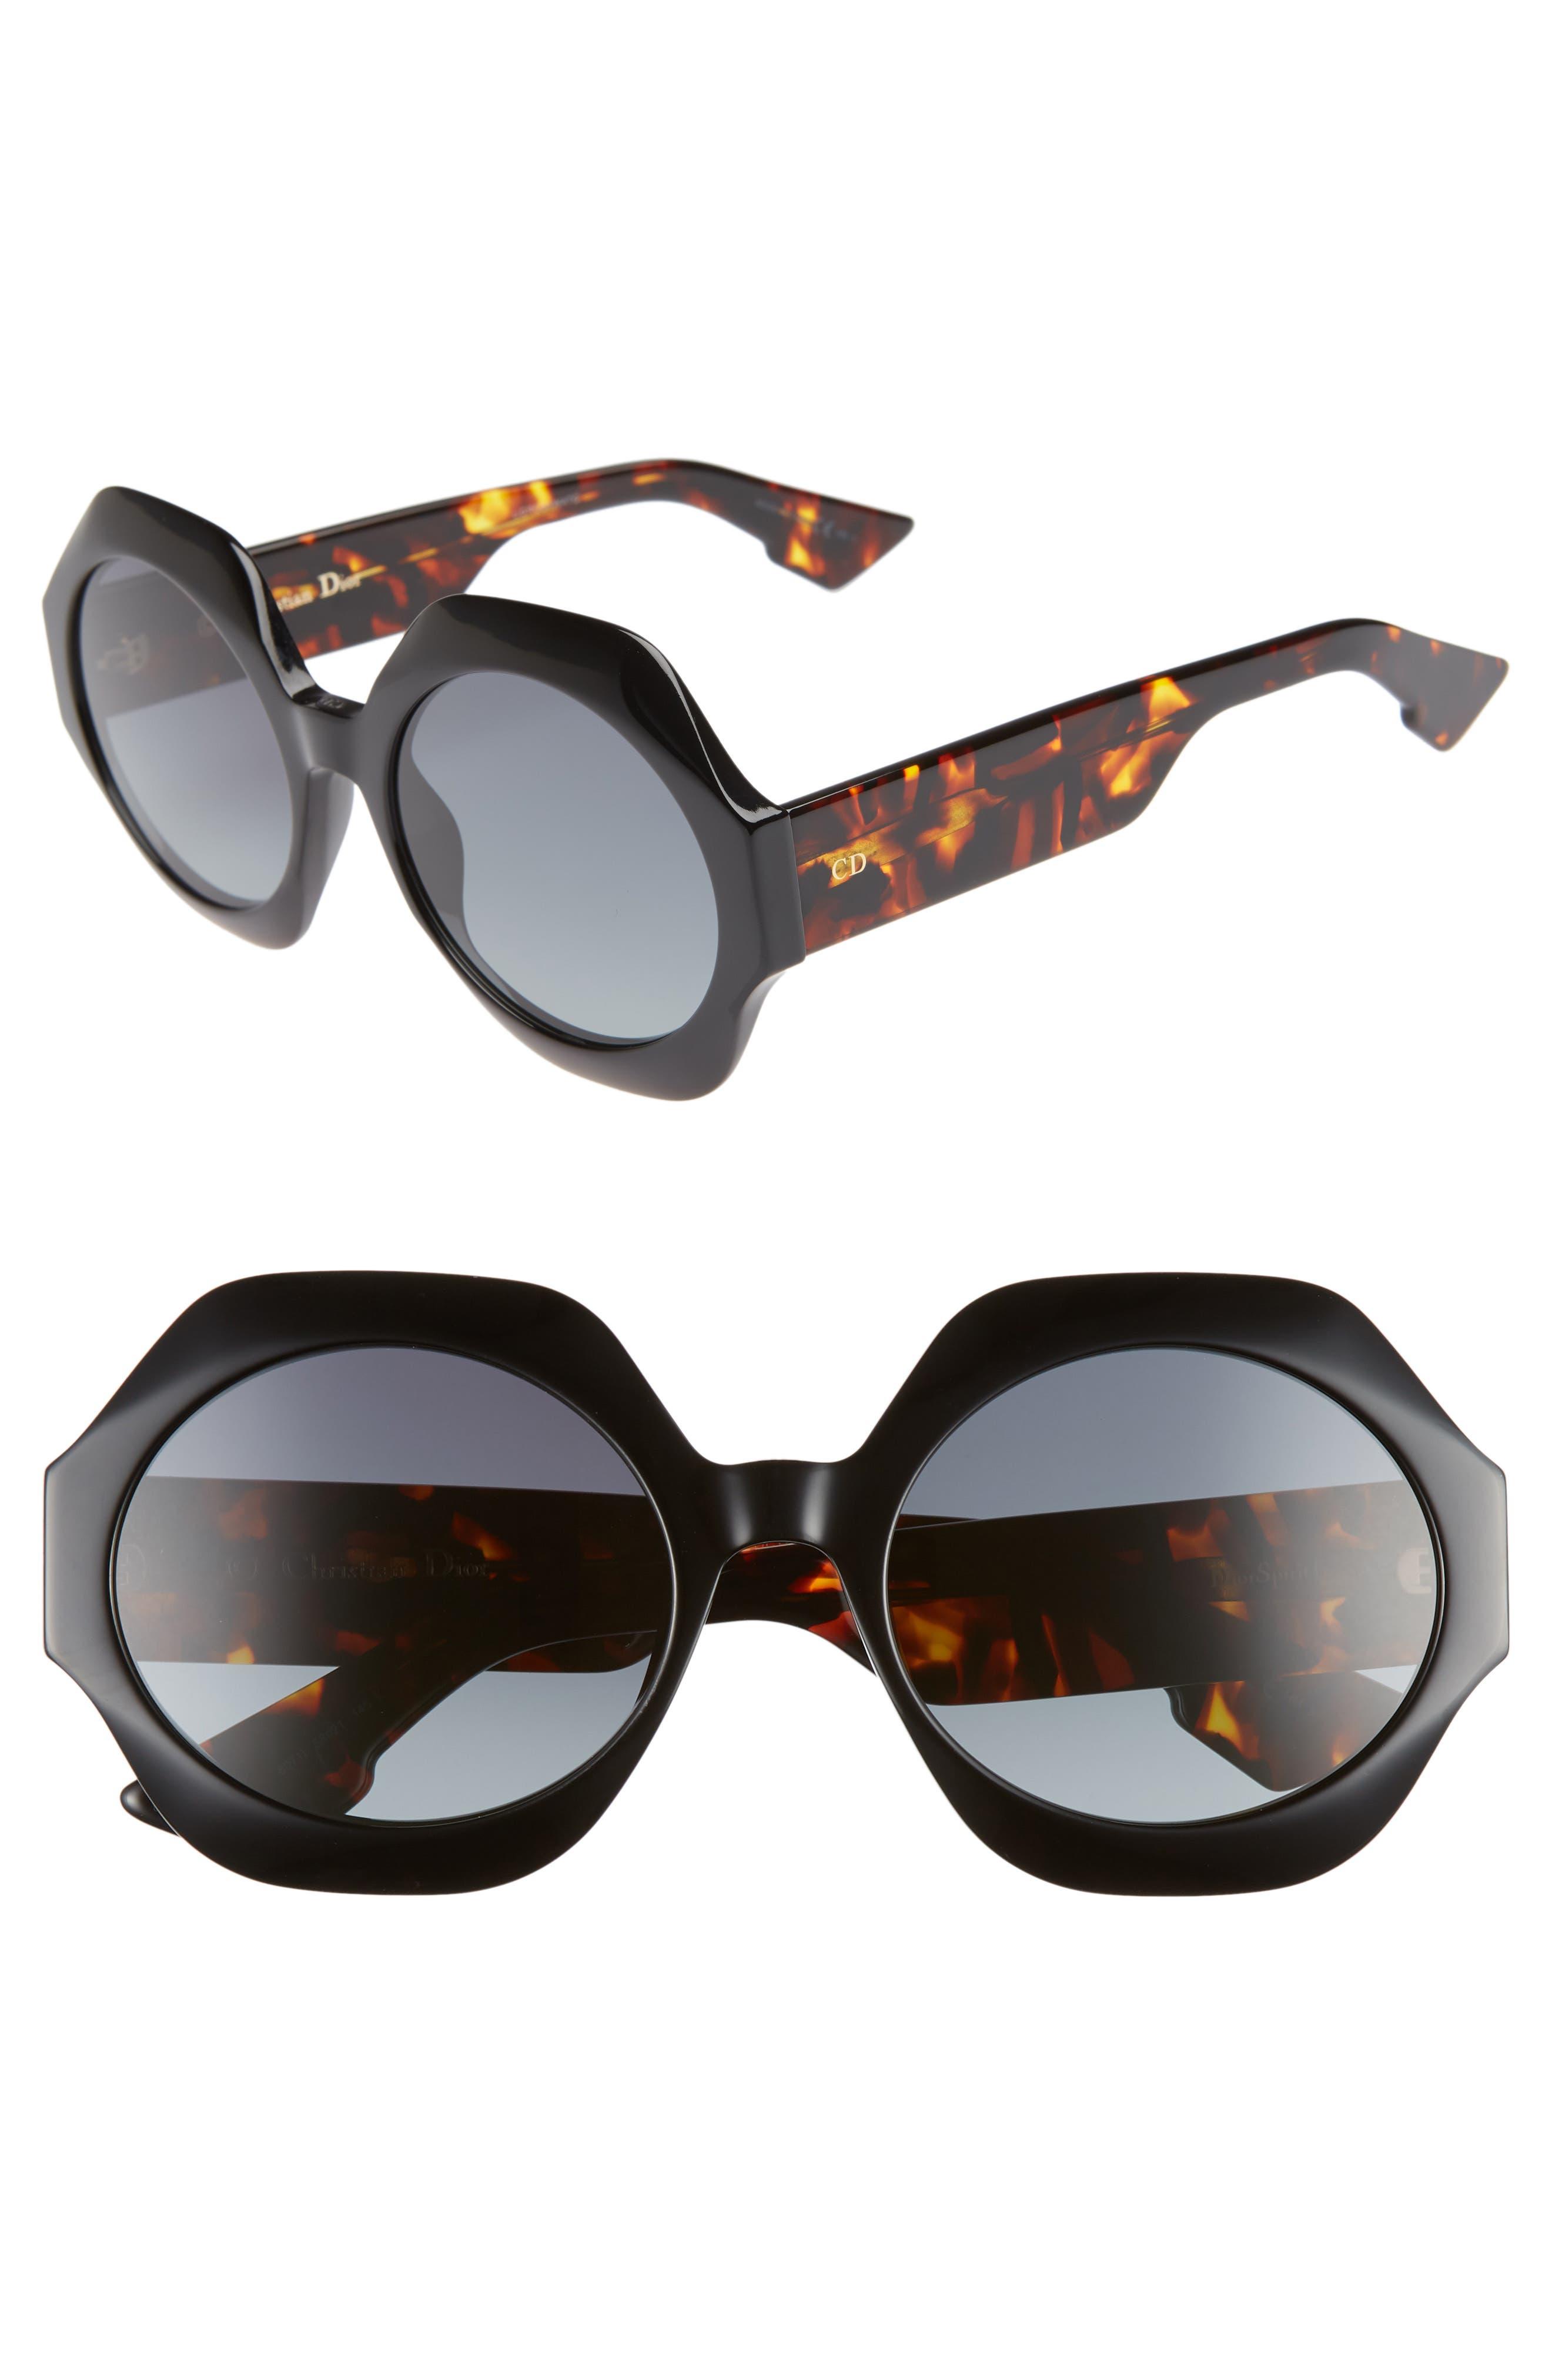 Spirit1 58mm Geometric Sunglasses,                             Main thumbnail 1, color,                             BLACK